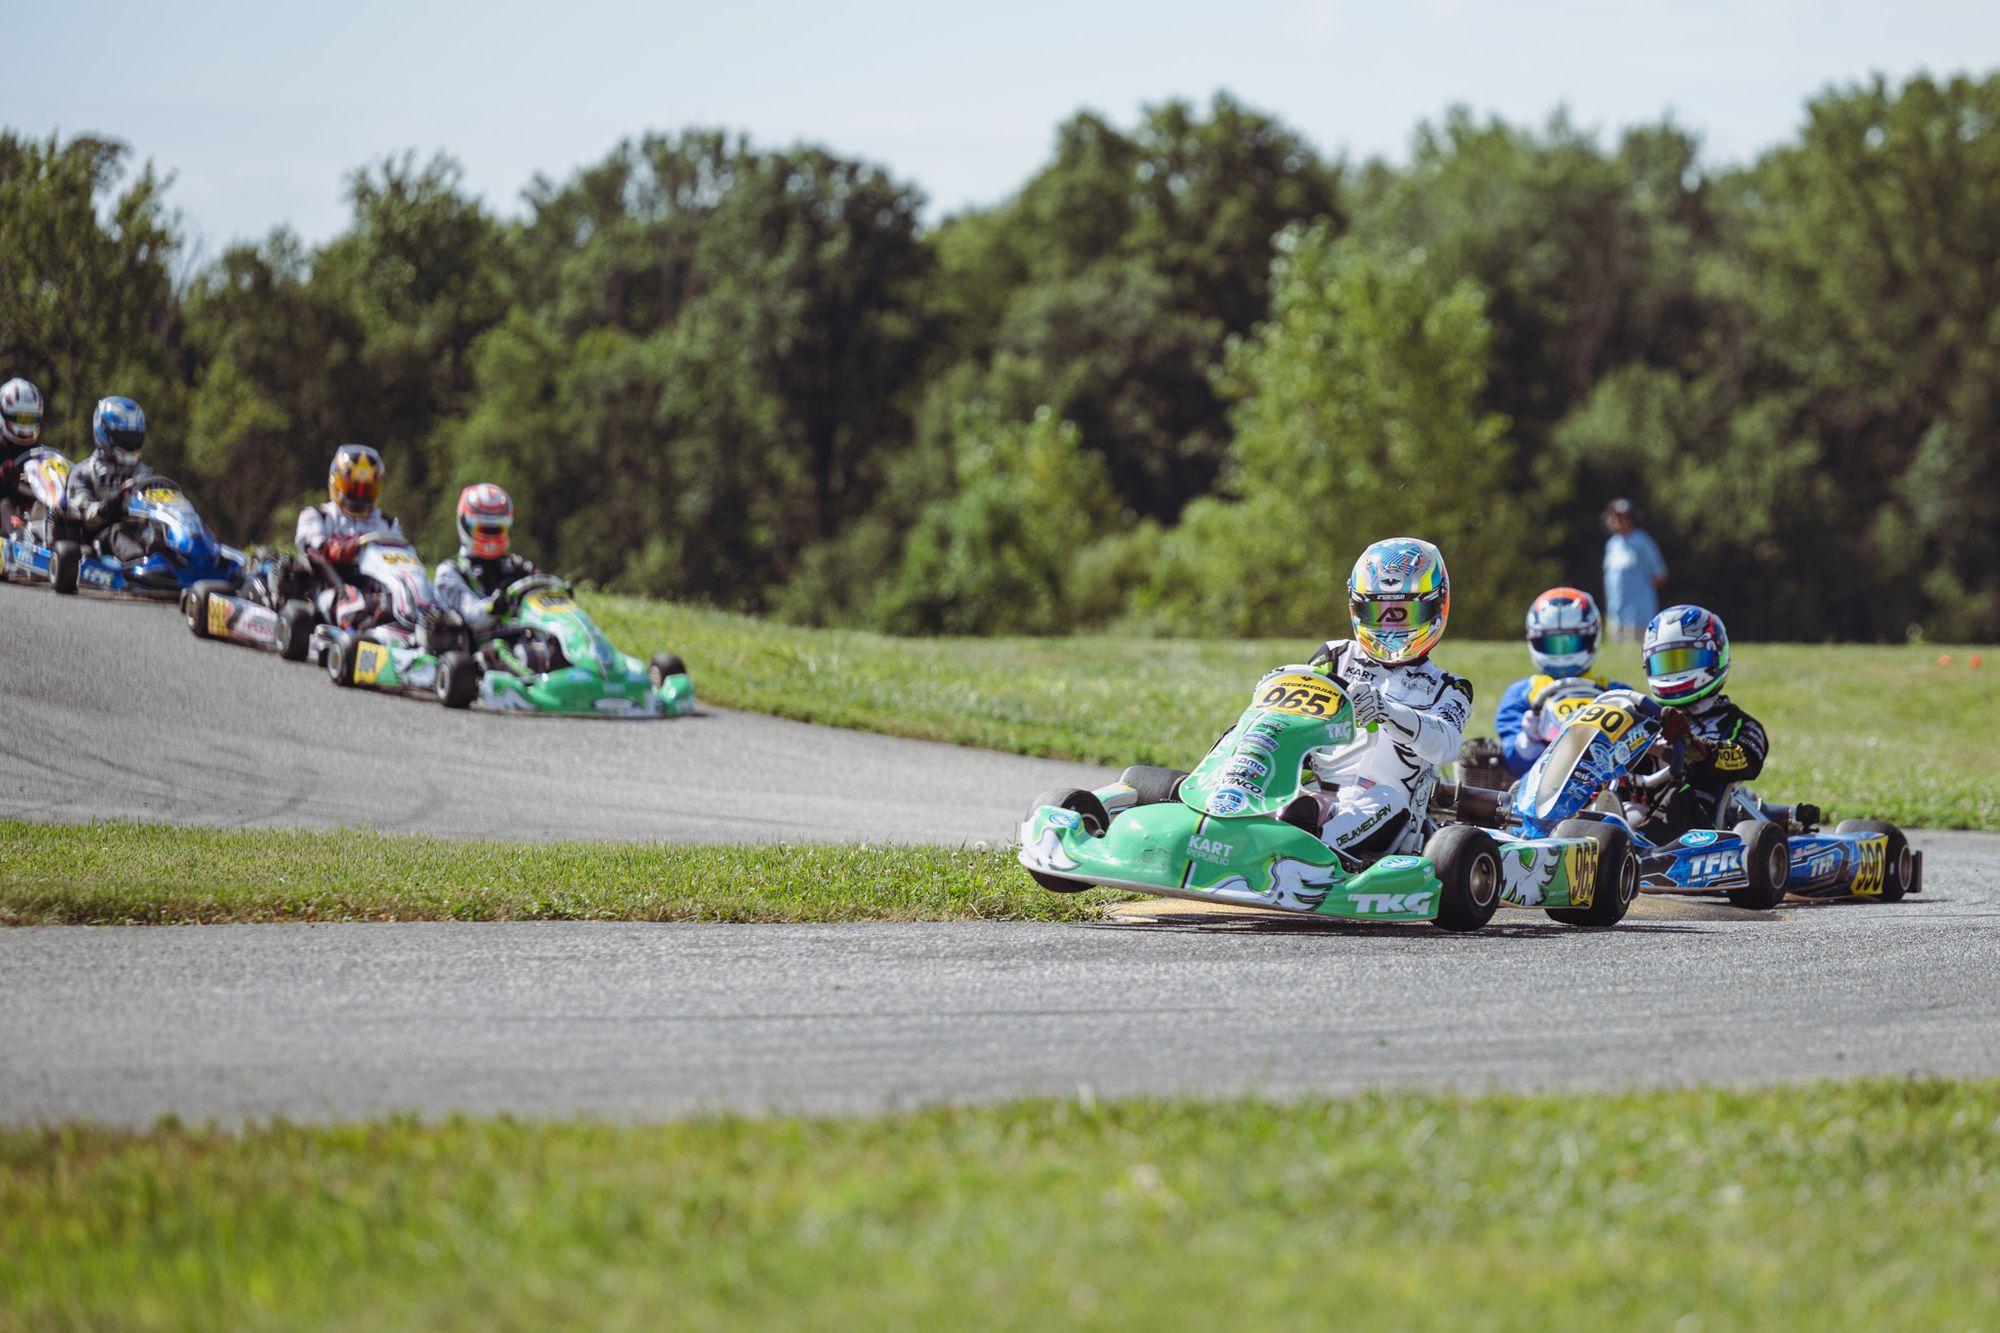 SKUSA at New Castle Motorsports Park